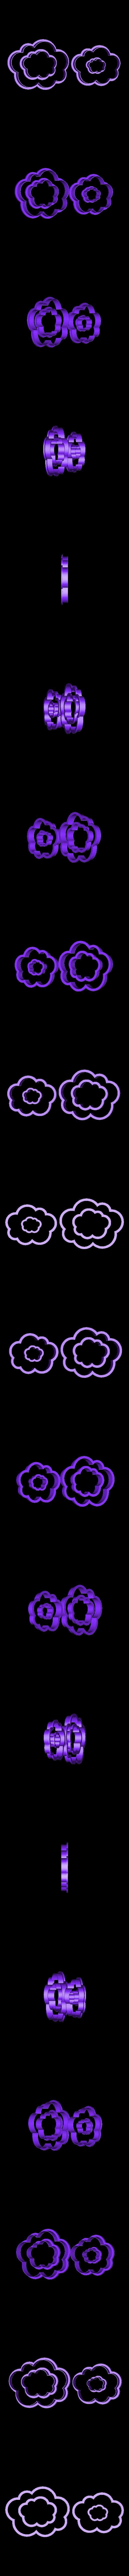 931 Nubecitas Set.stl Download STL file Cloud cutter set • 3D printing model, juanchininaiara